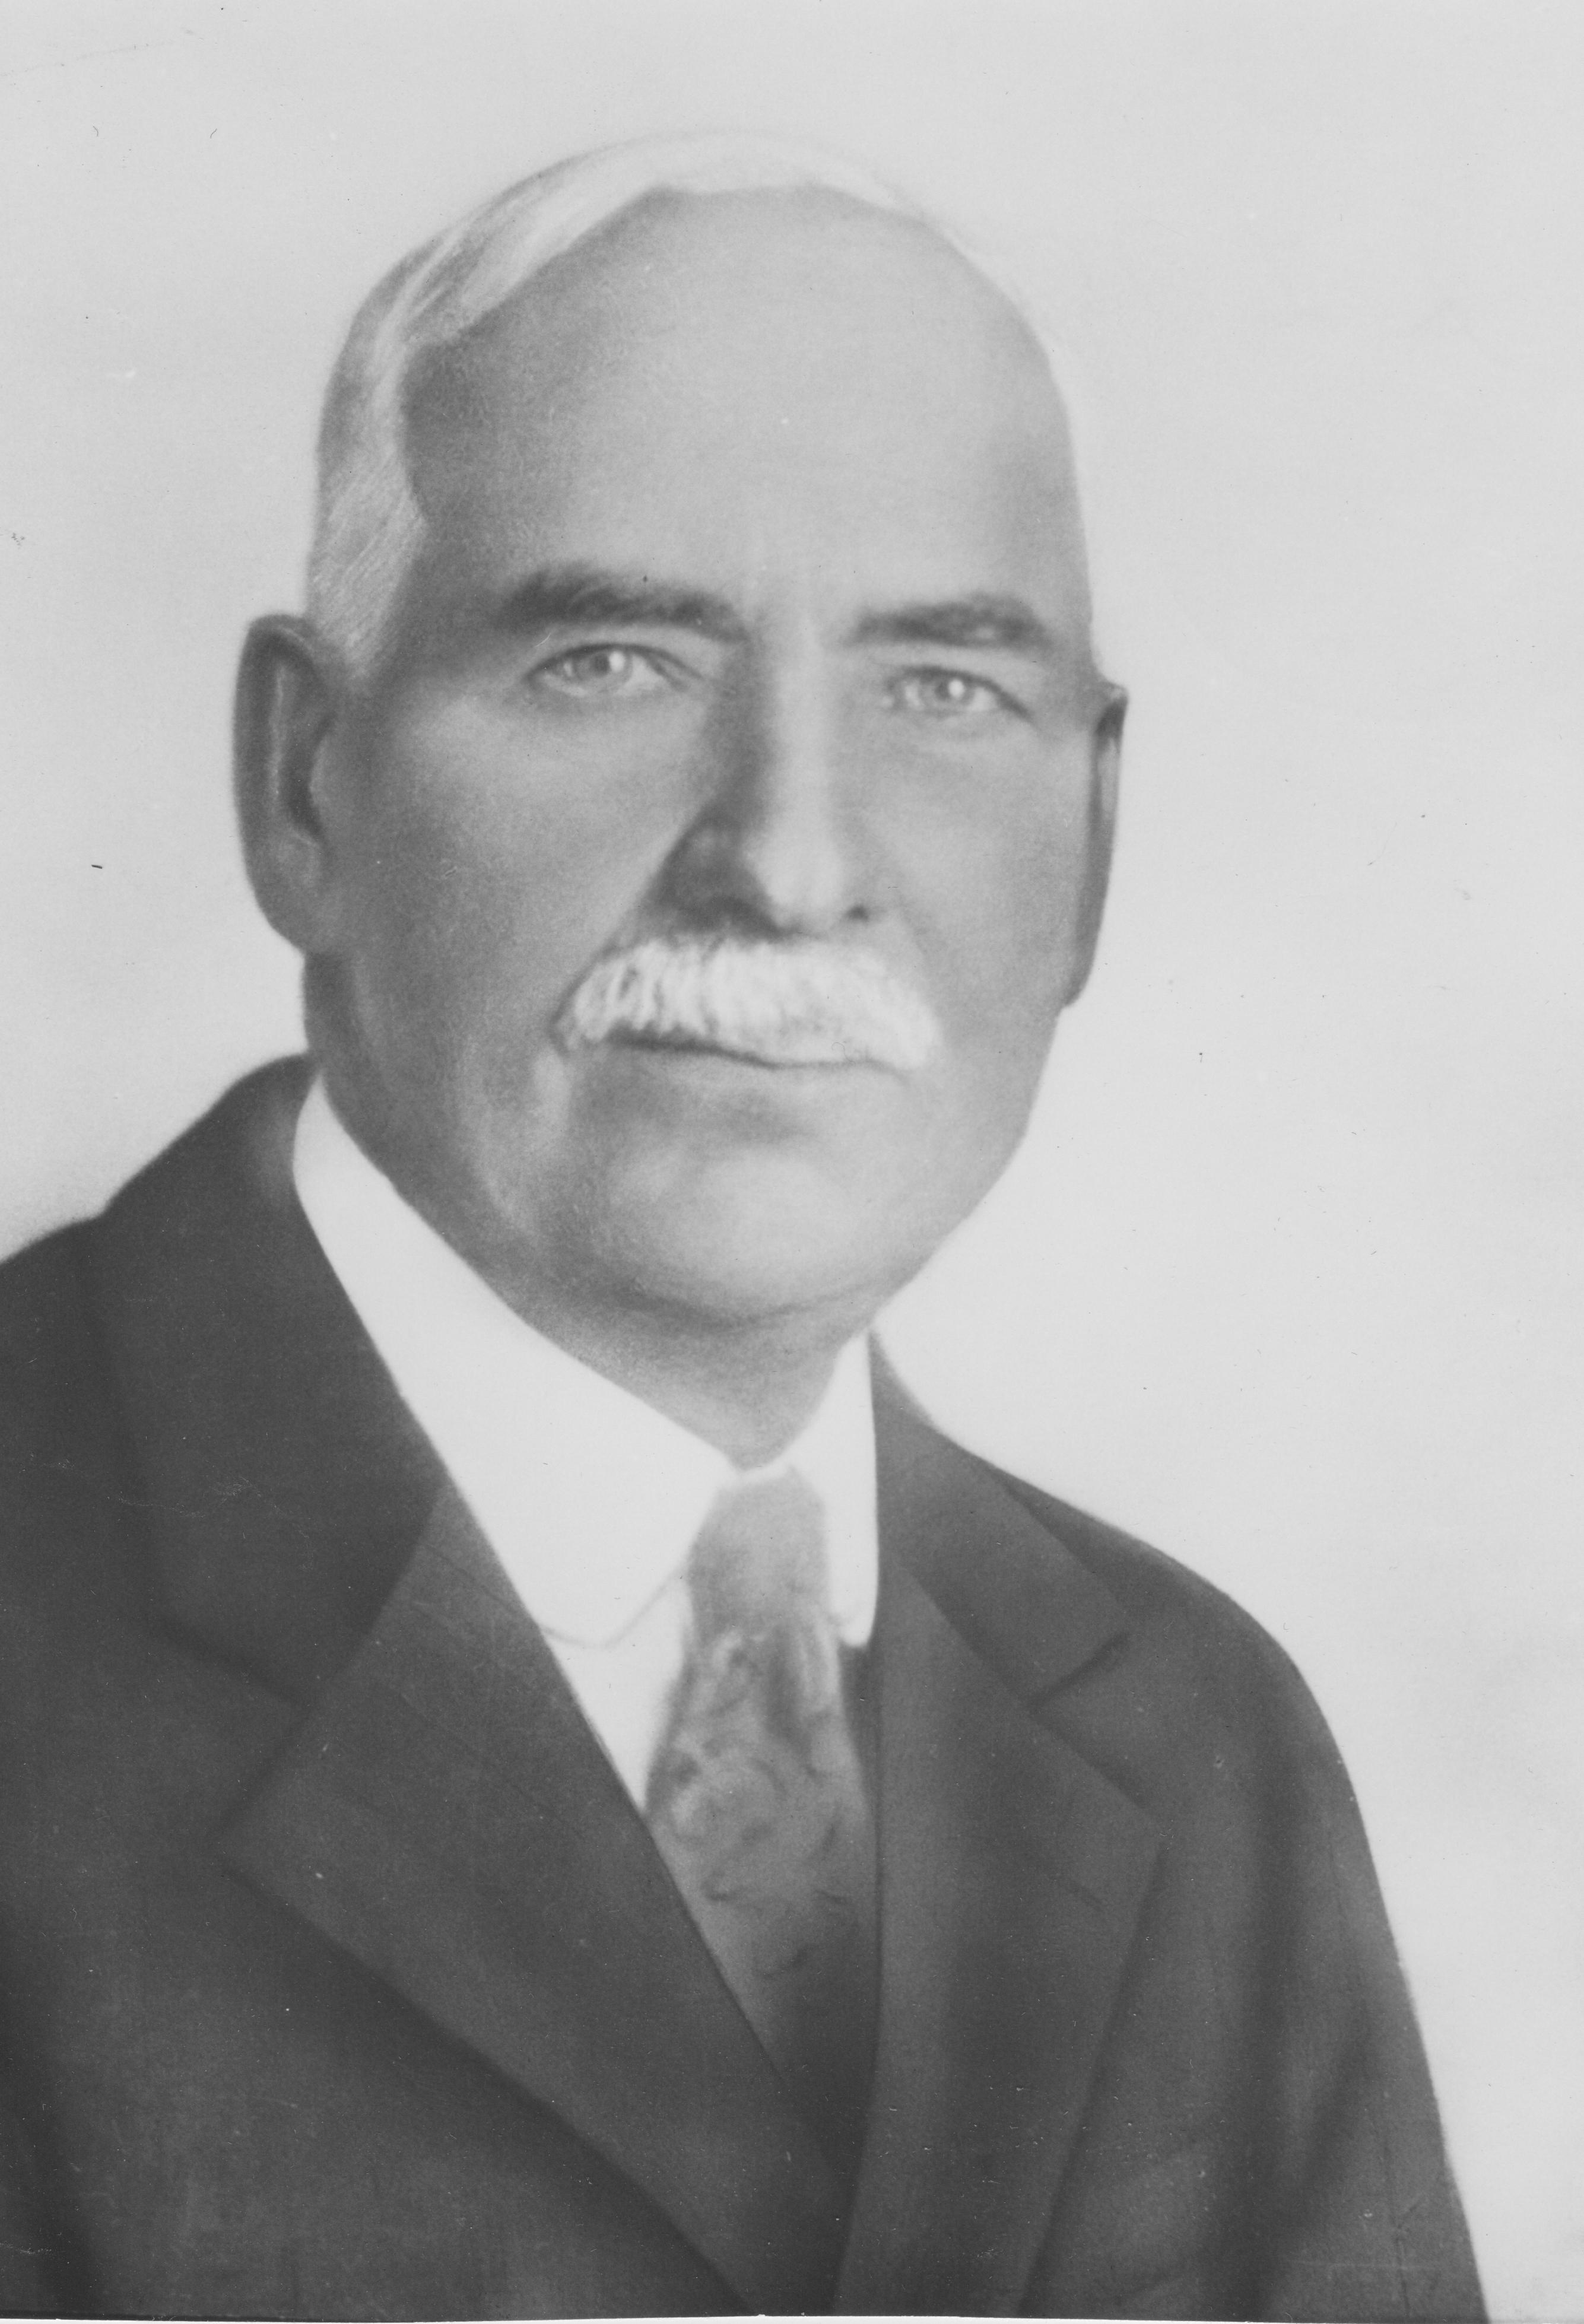 Simeon L. White